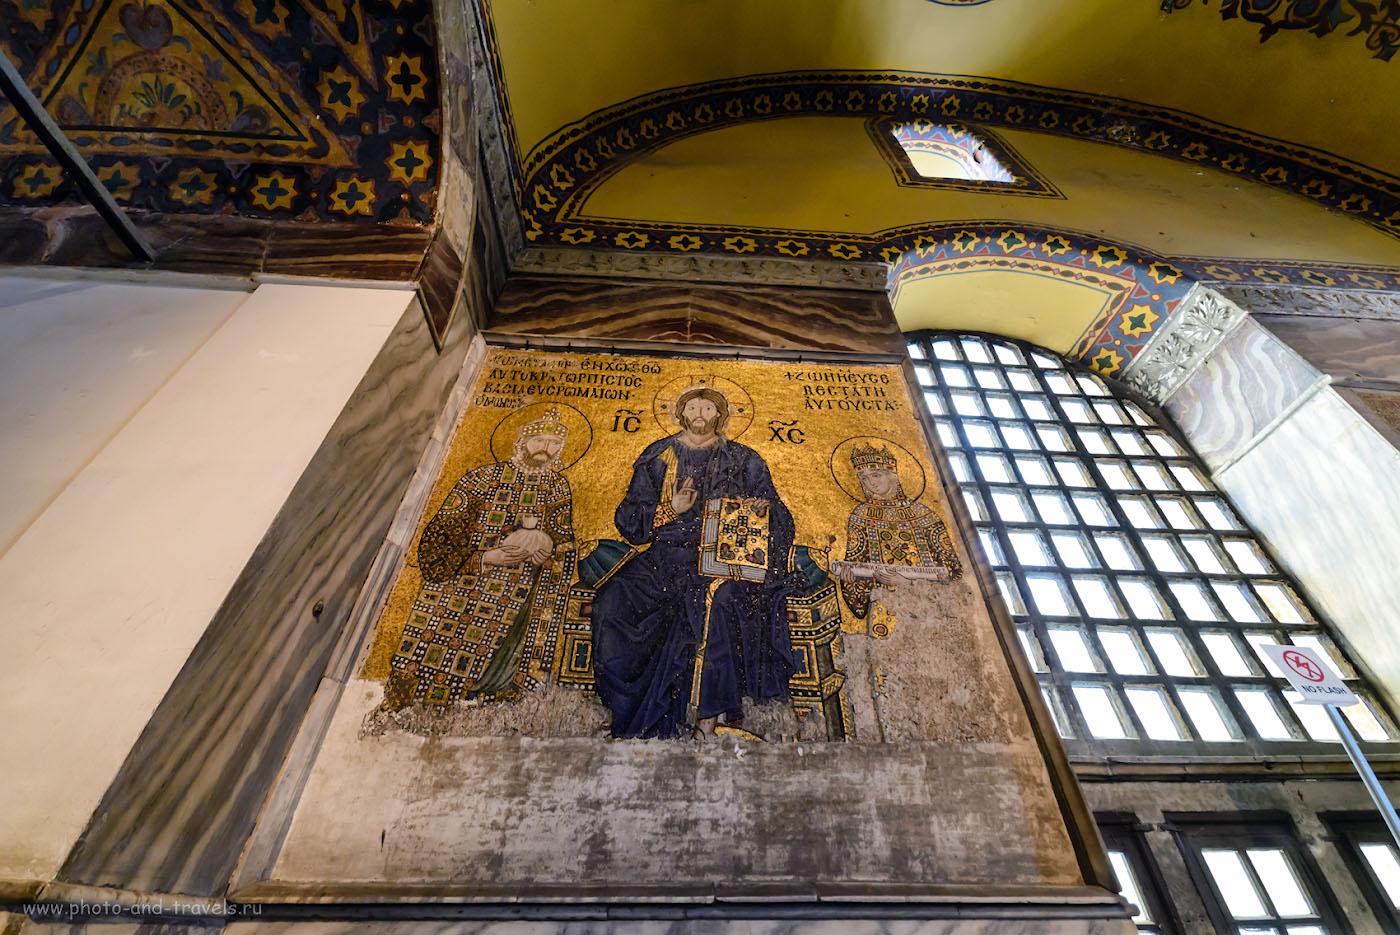 Фото 29. Мозаика «императрица Зоя». Датируется XI веком. Отзывы об экскурсии в Стамбуле. 1/25, 5.6, 3200, 14.